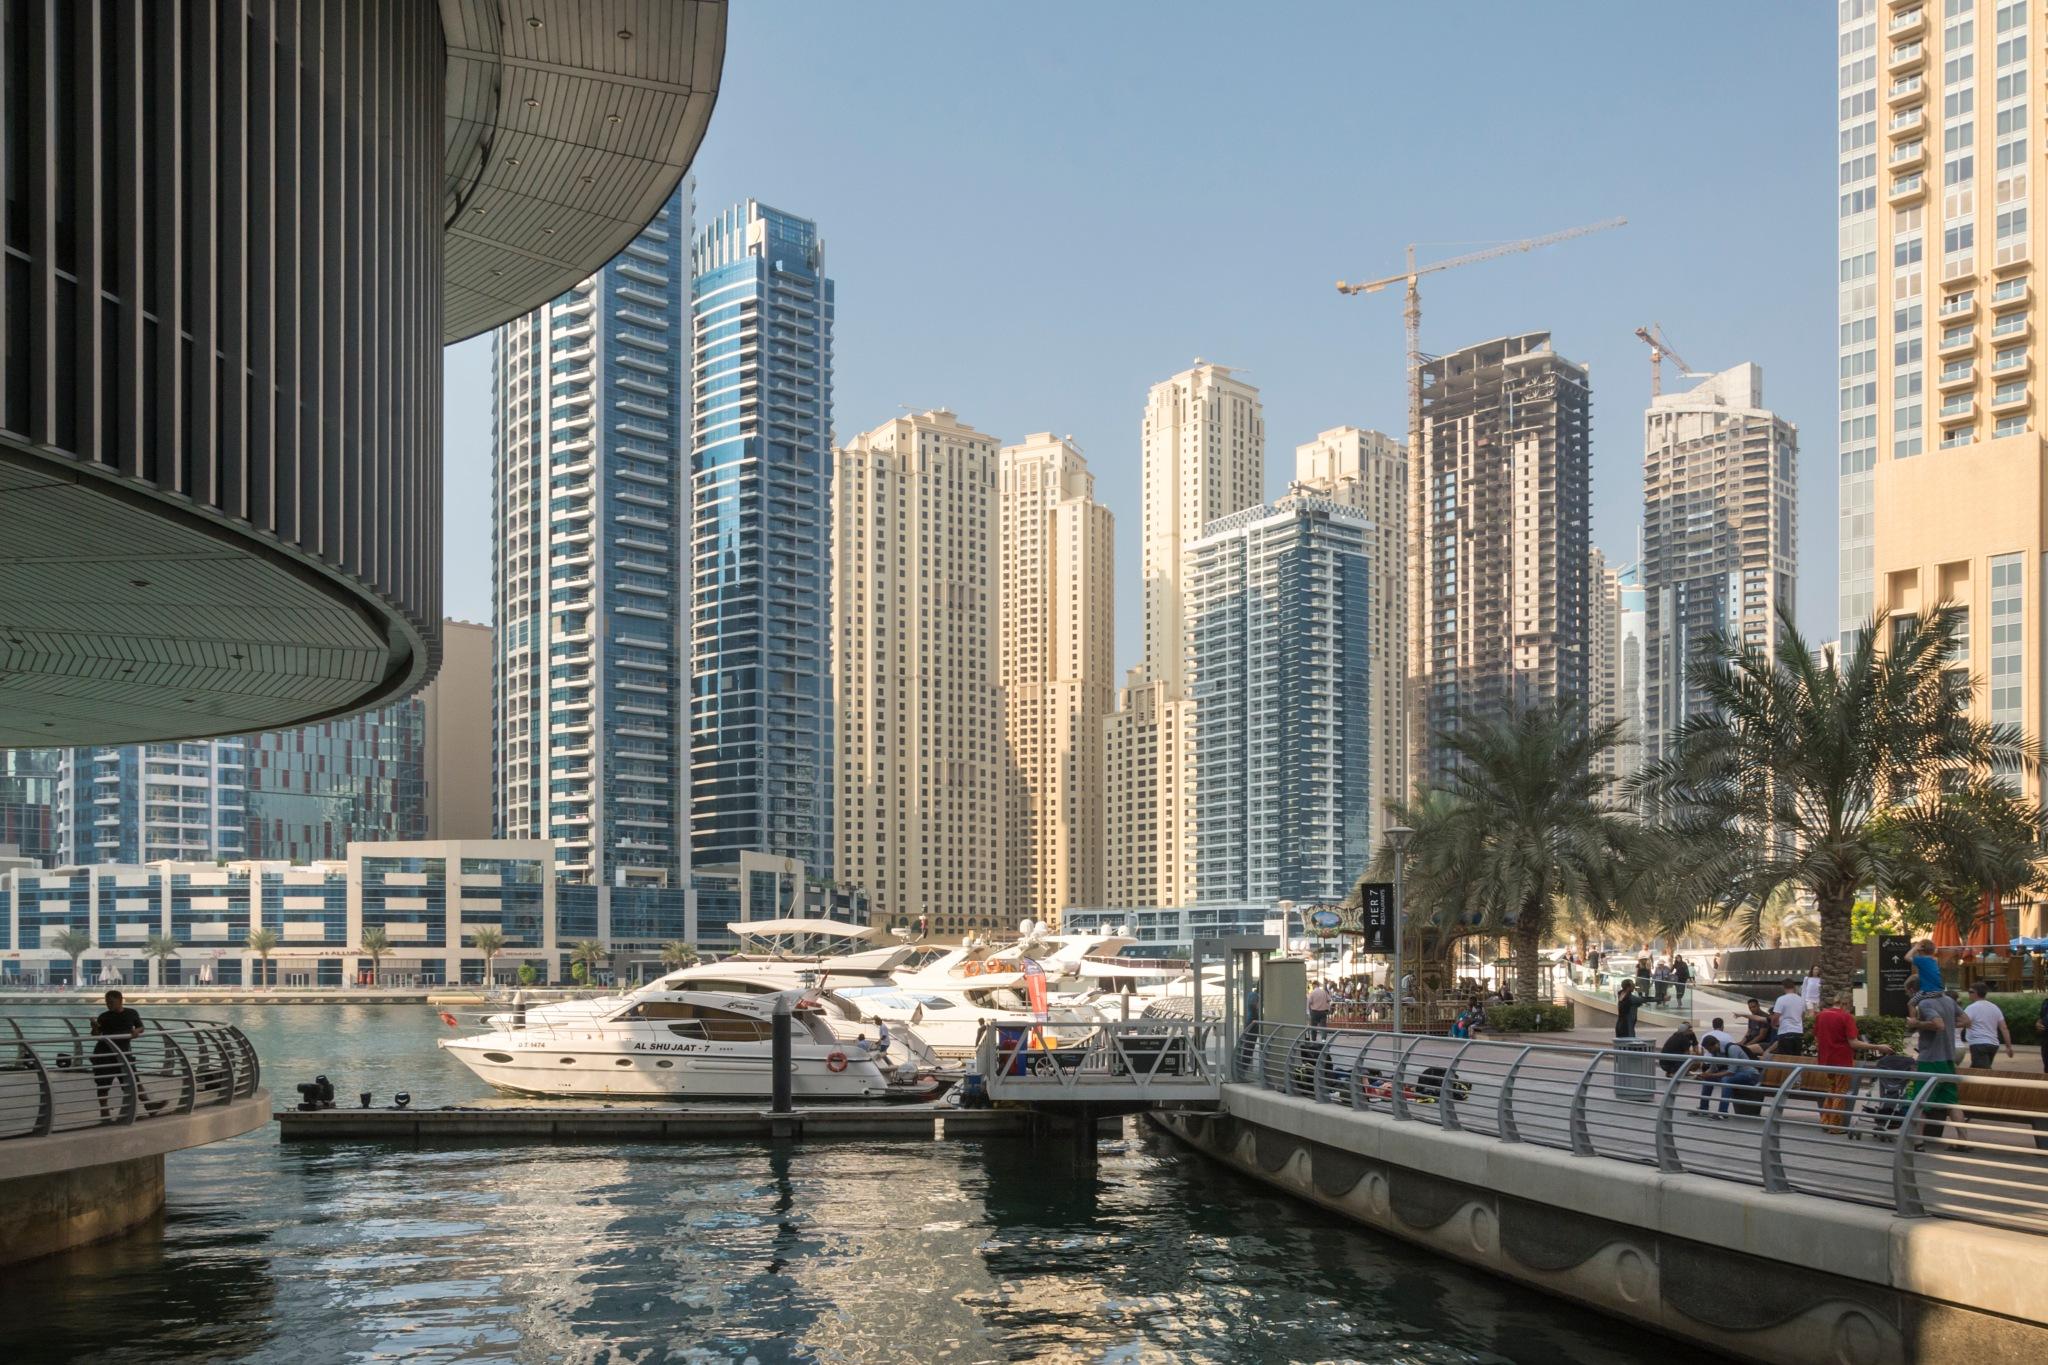 Dubai marina 4 by nilsons1974